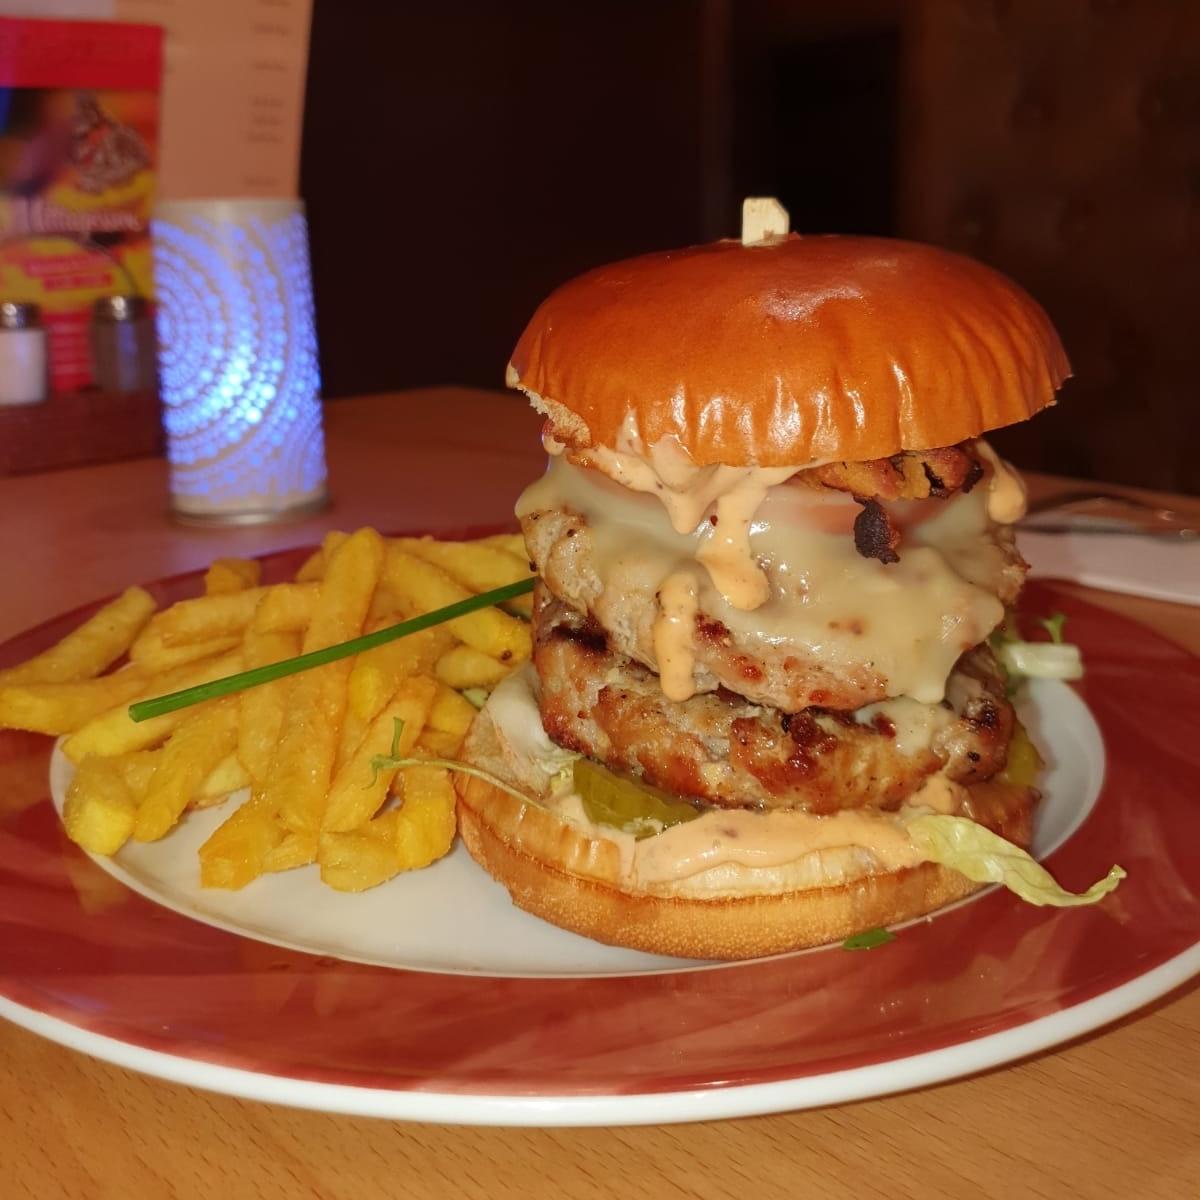 Eckstein-Restaurant-Eimsbüttel-Burger-Steaks-Fisch-Burger mit Pommes